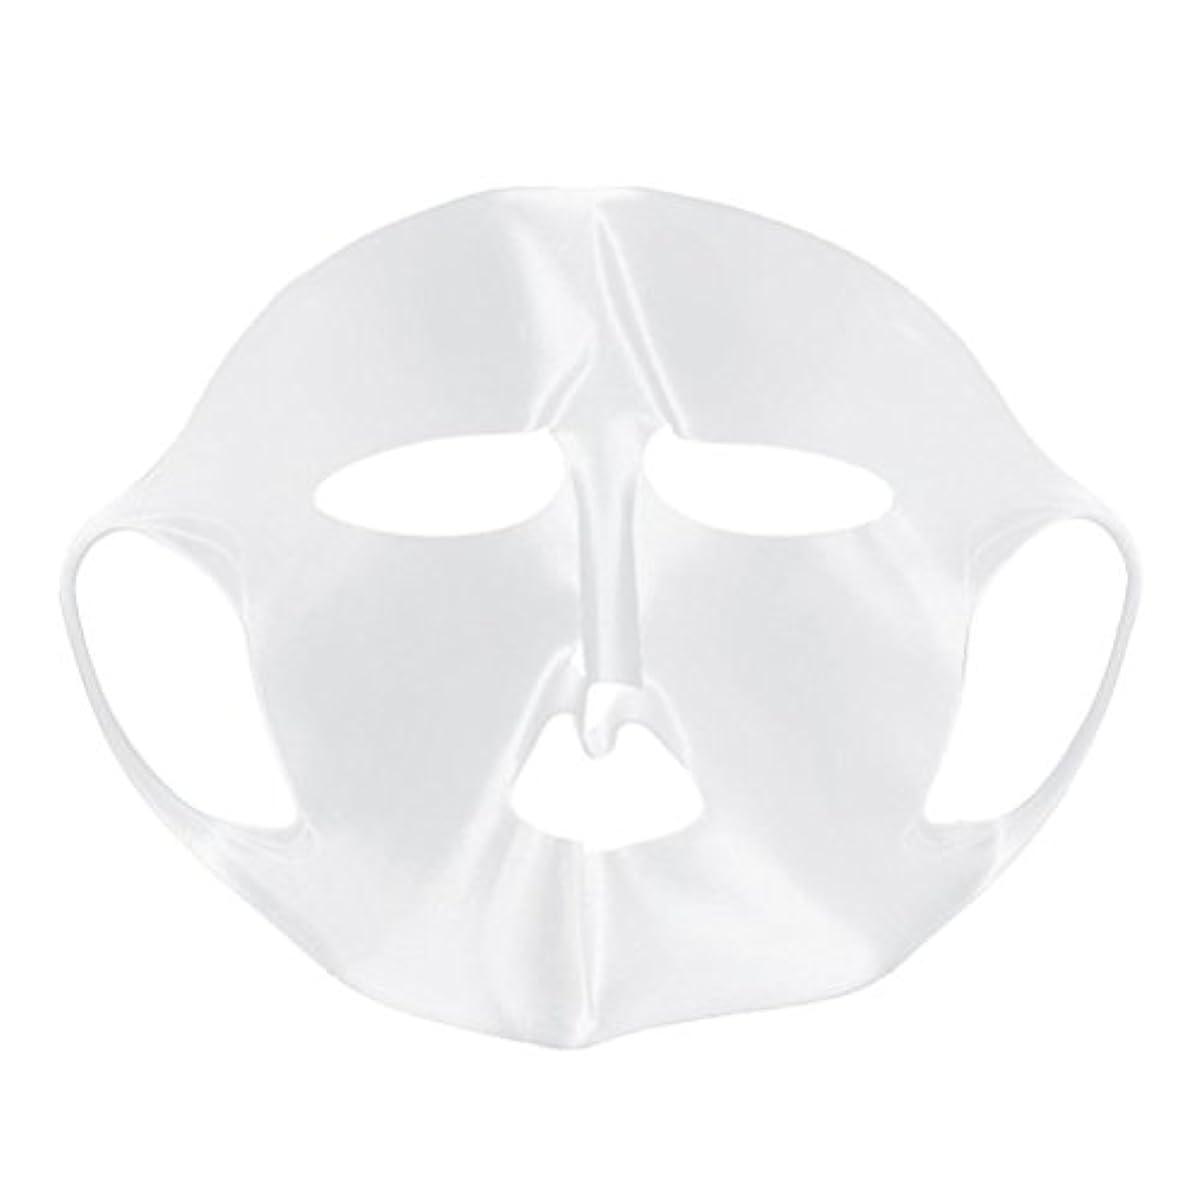 血セミナー鎮静剤Beaupretty シートマスクカバーのためのシリコーンの再使用可能な顔のマスクカバー顔の保湿マスク